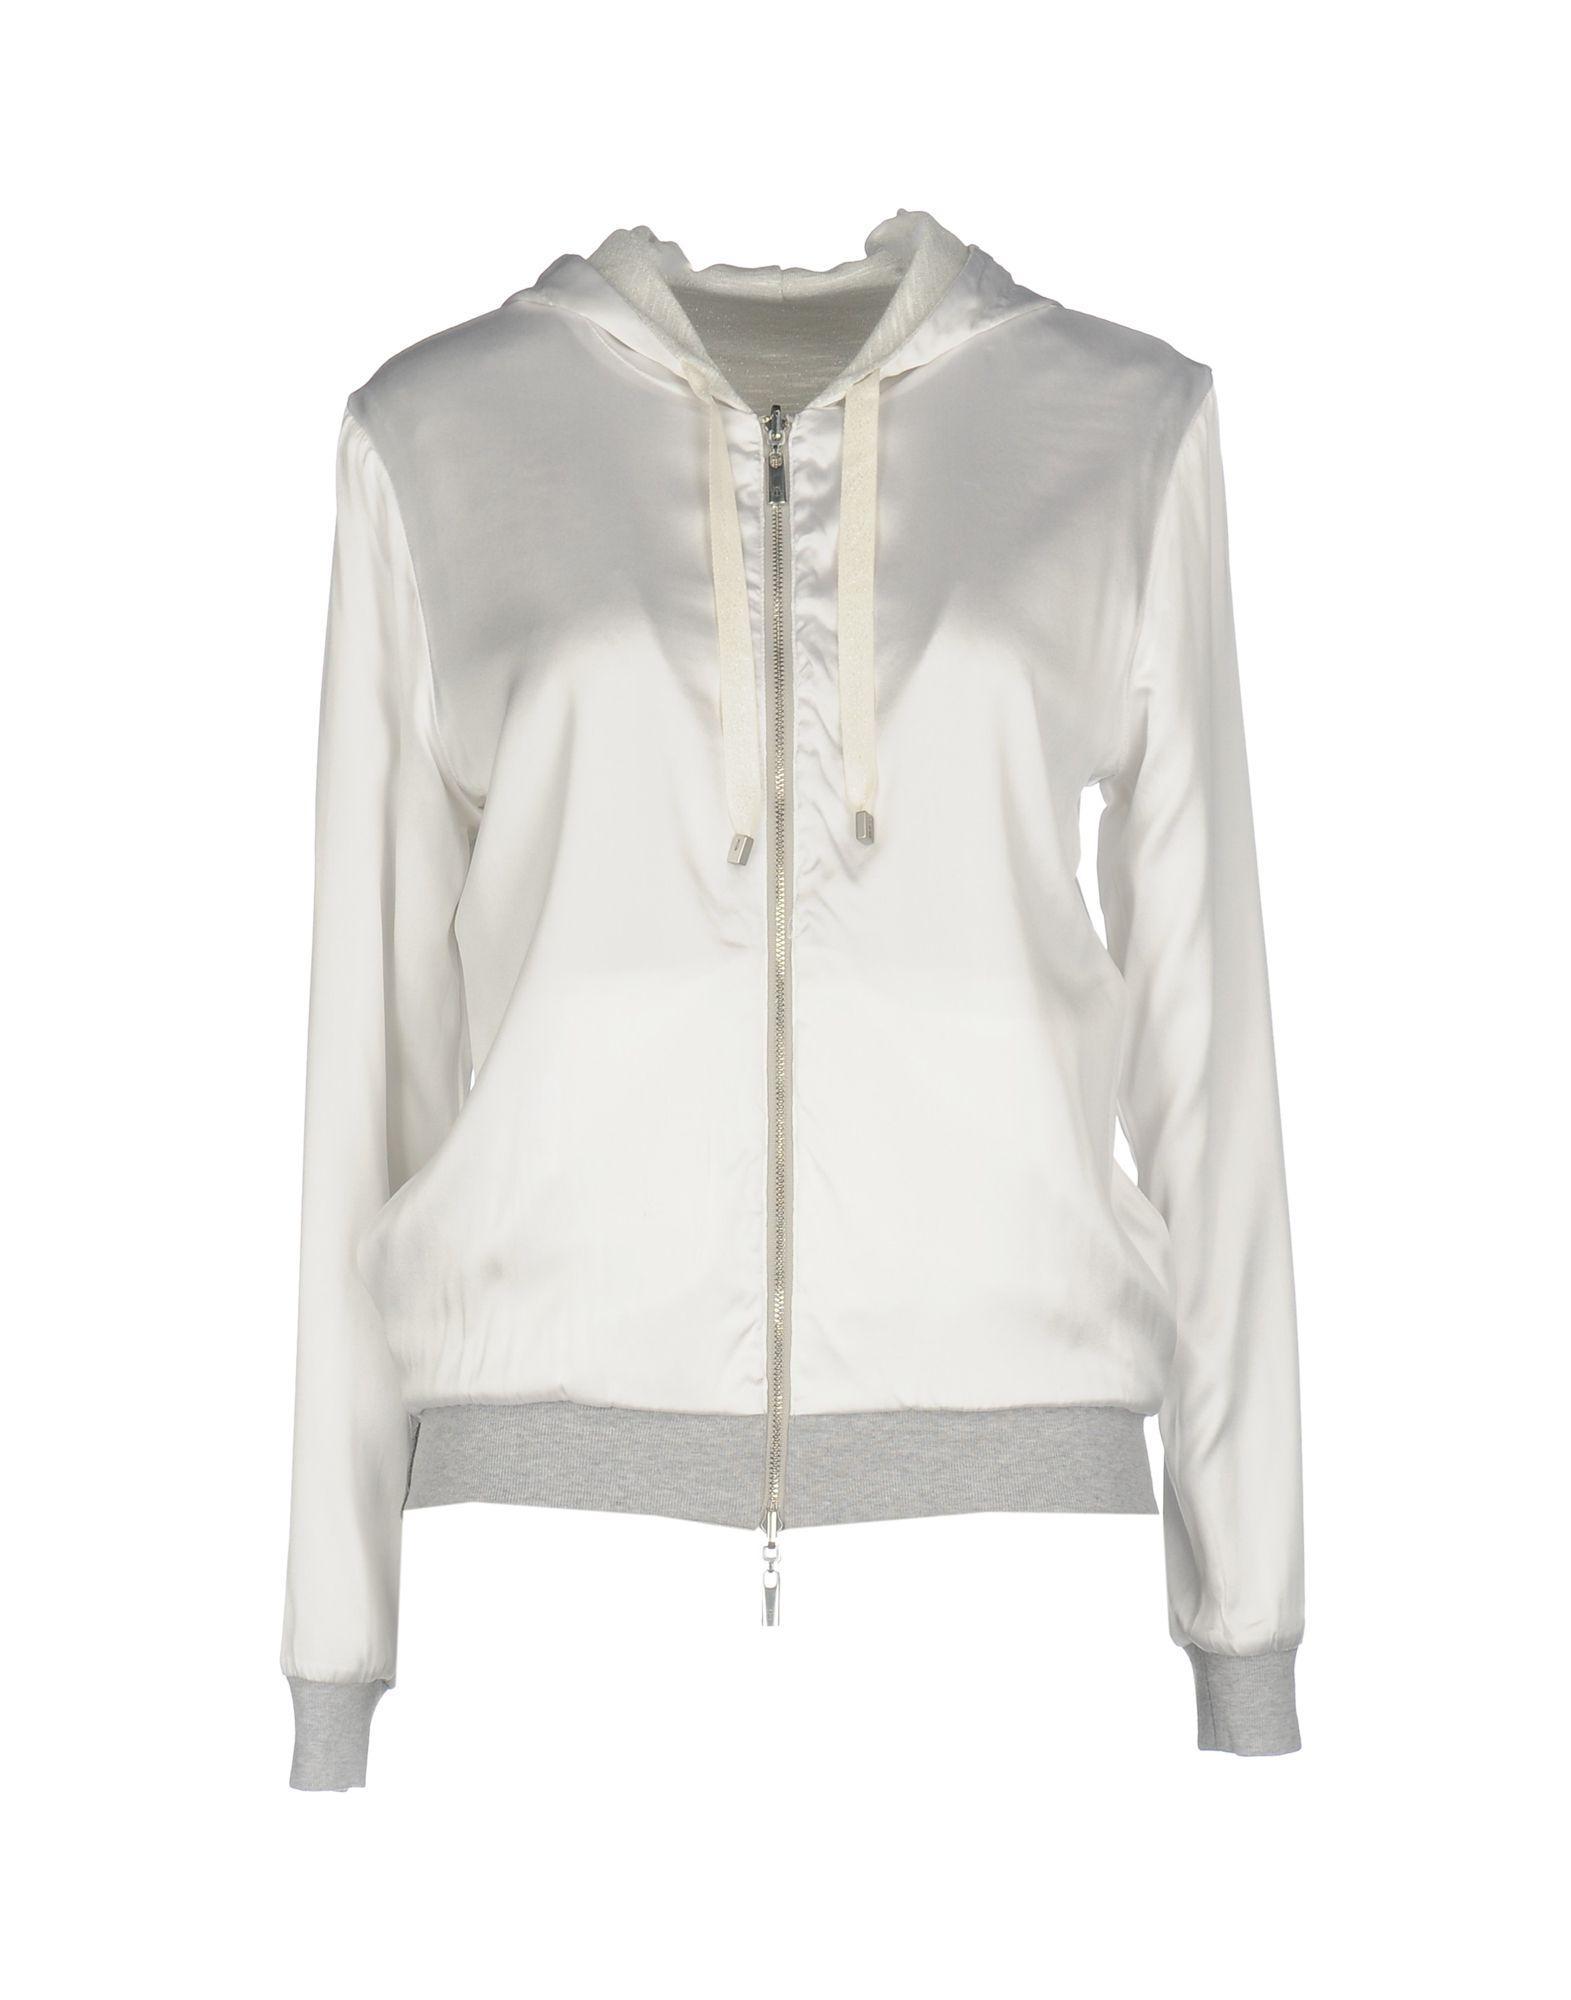 Capobianco Sweatshirts In White